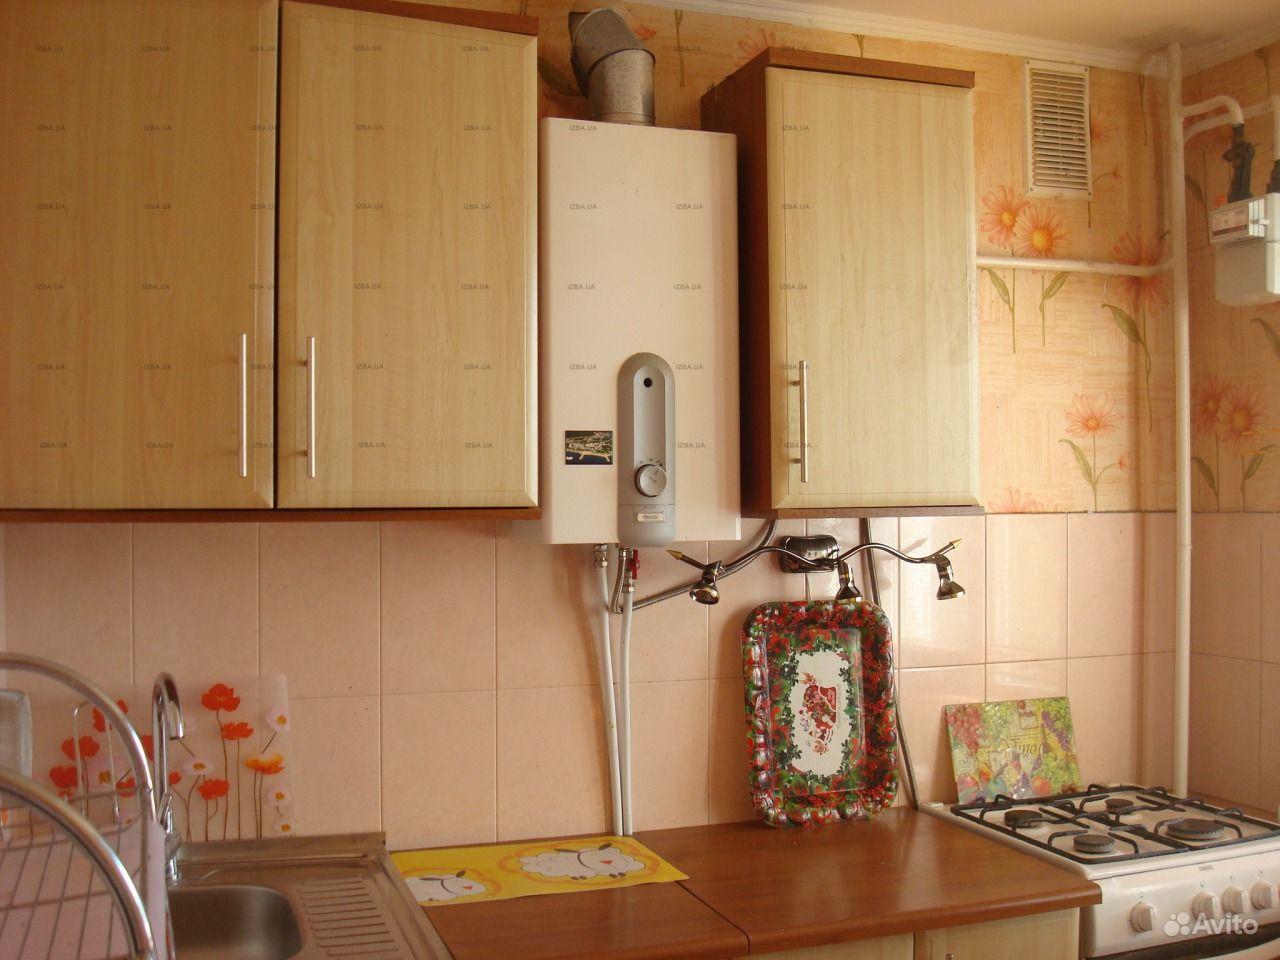 Дизайн кухни с газовым котлом на стене - фото.